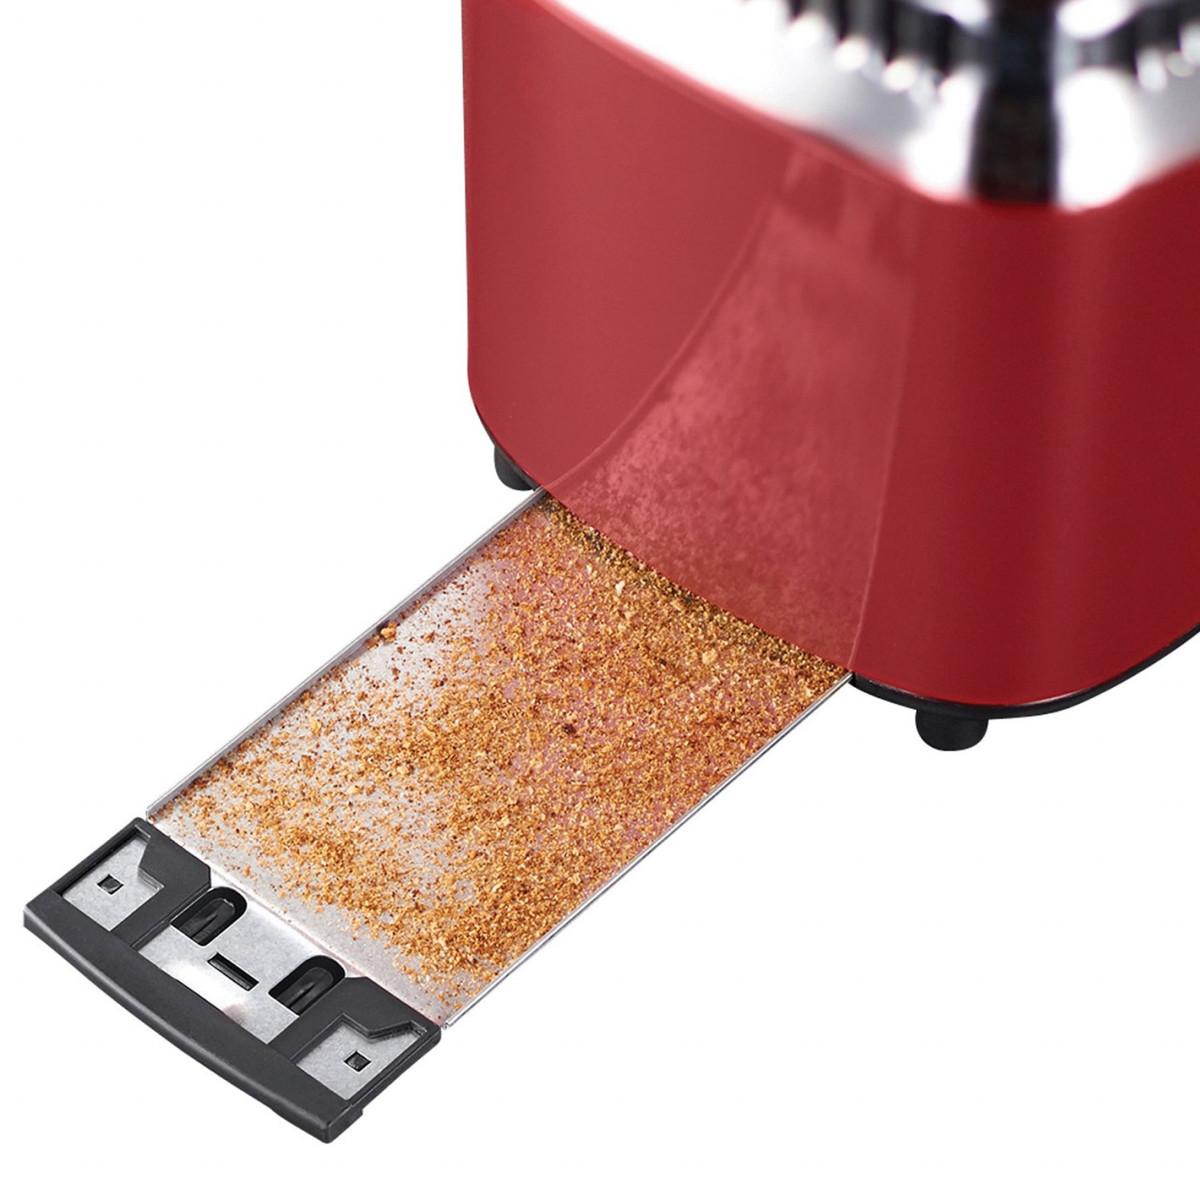 Bild 4 von Russell Hobbs Retro Ribbon Red Toaster